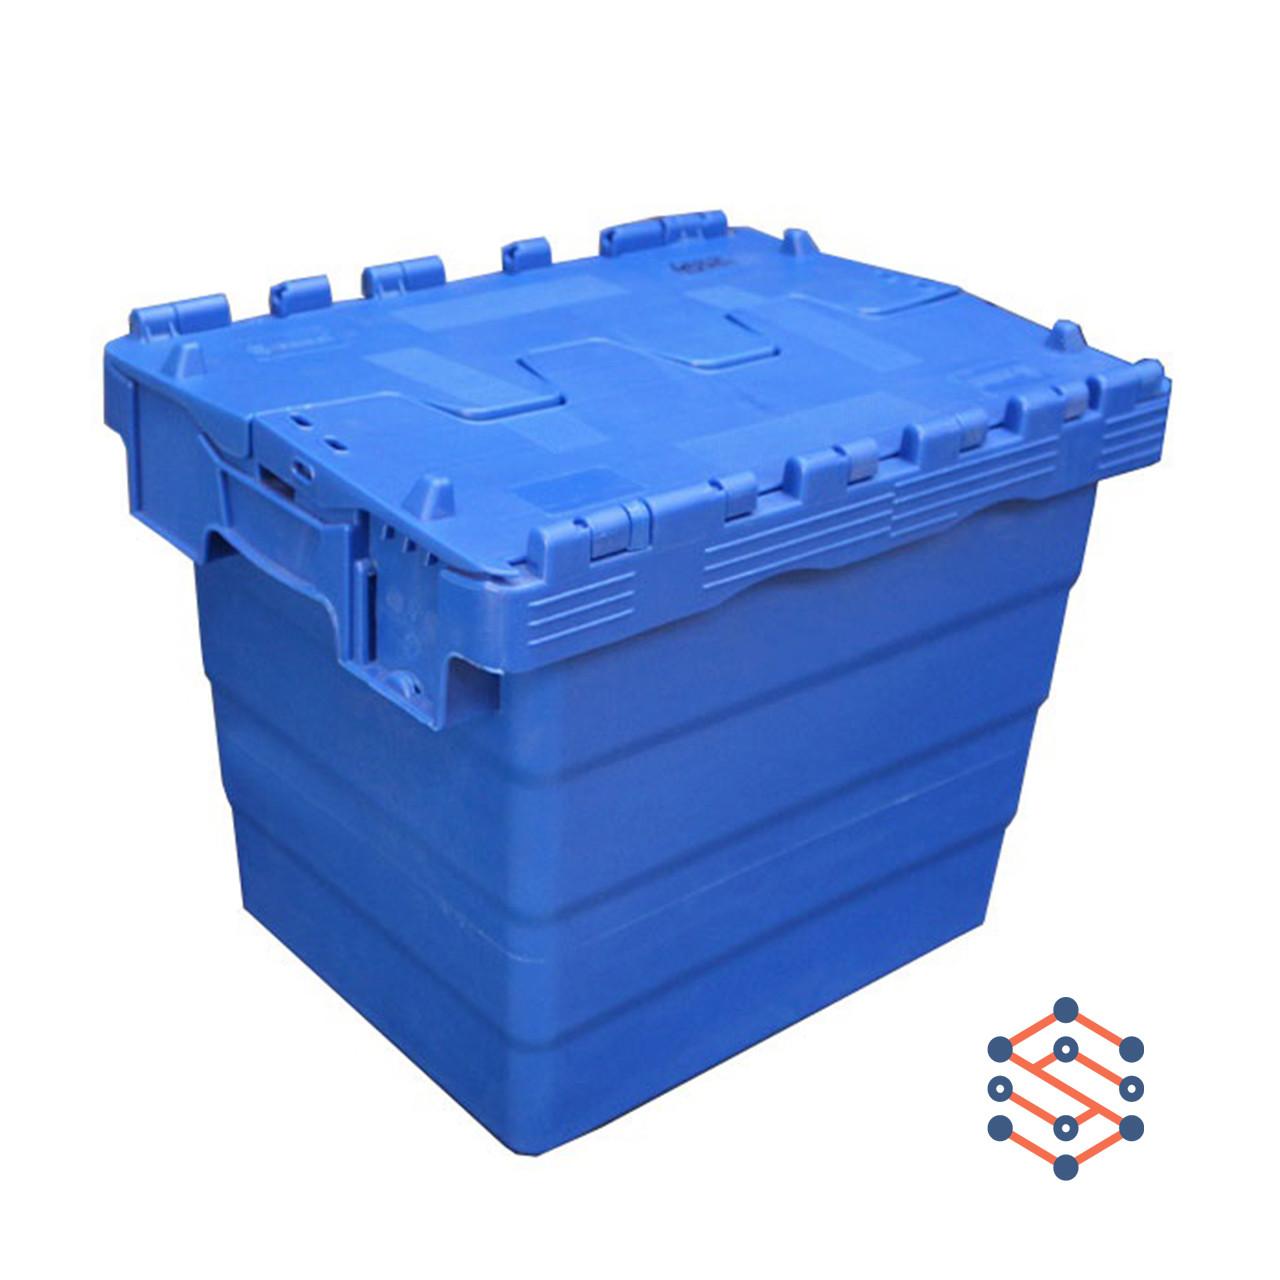 Пластиковый контейнер с крышкой - SPKM4332, 300x400x320 мм